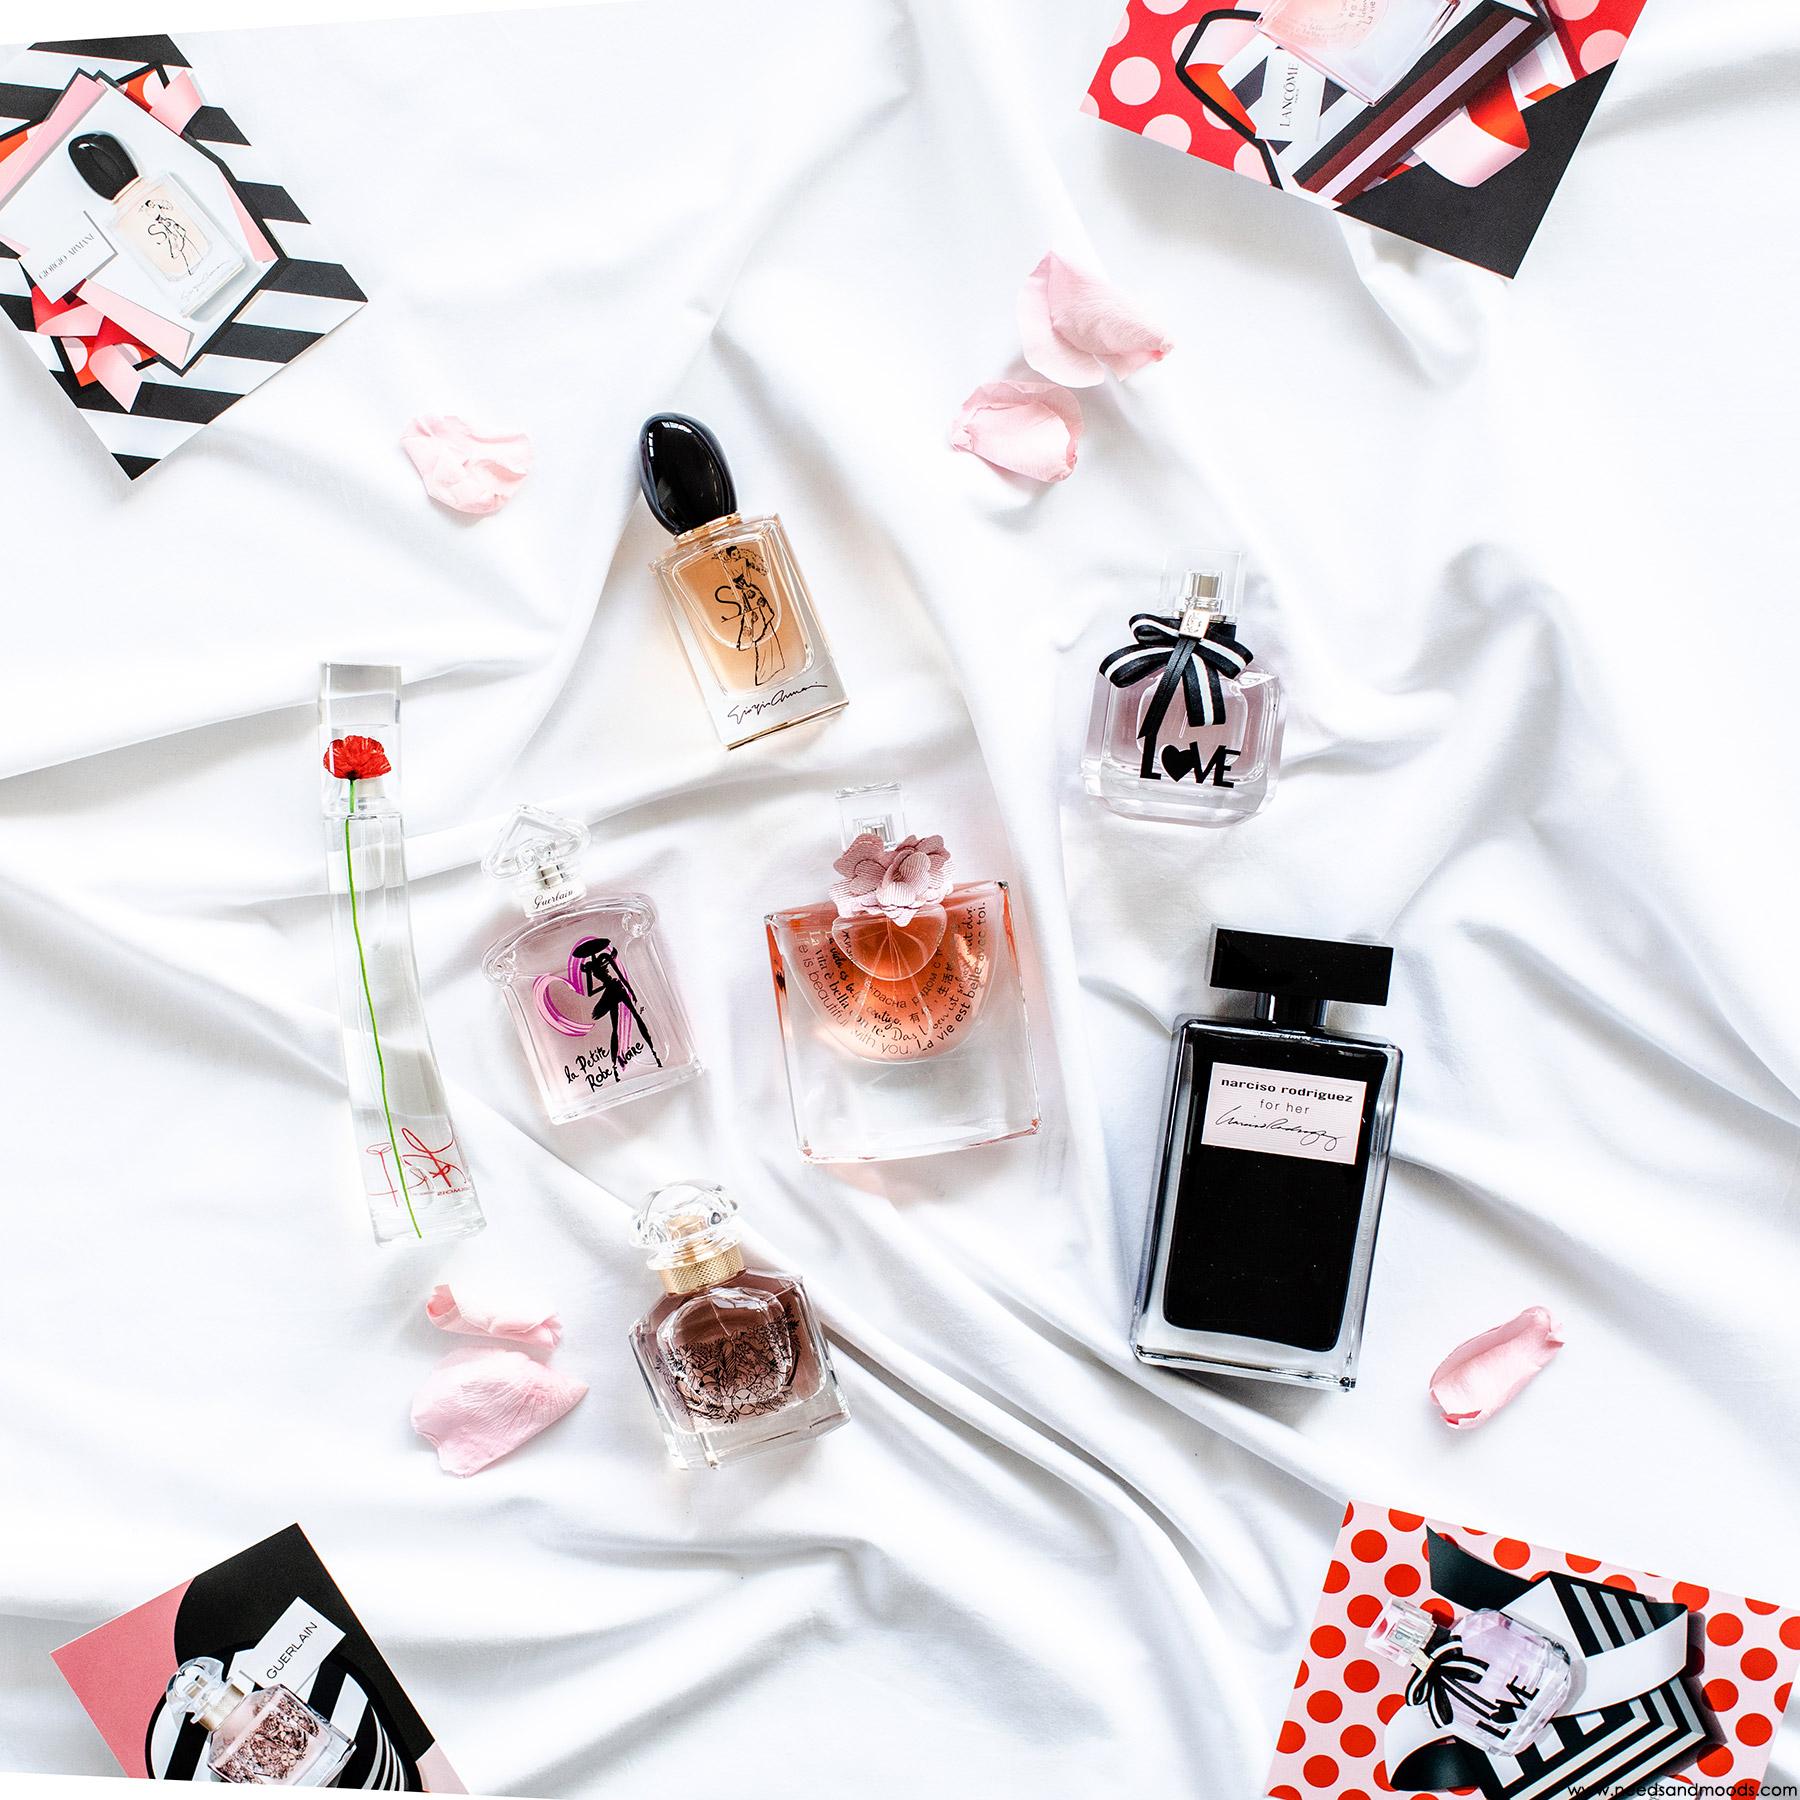 Sephoraparfumsiconiques7 La Mères Parfums Des Fêtes Pour Nn08wXkPO